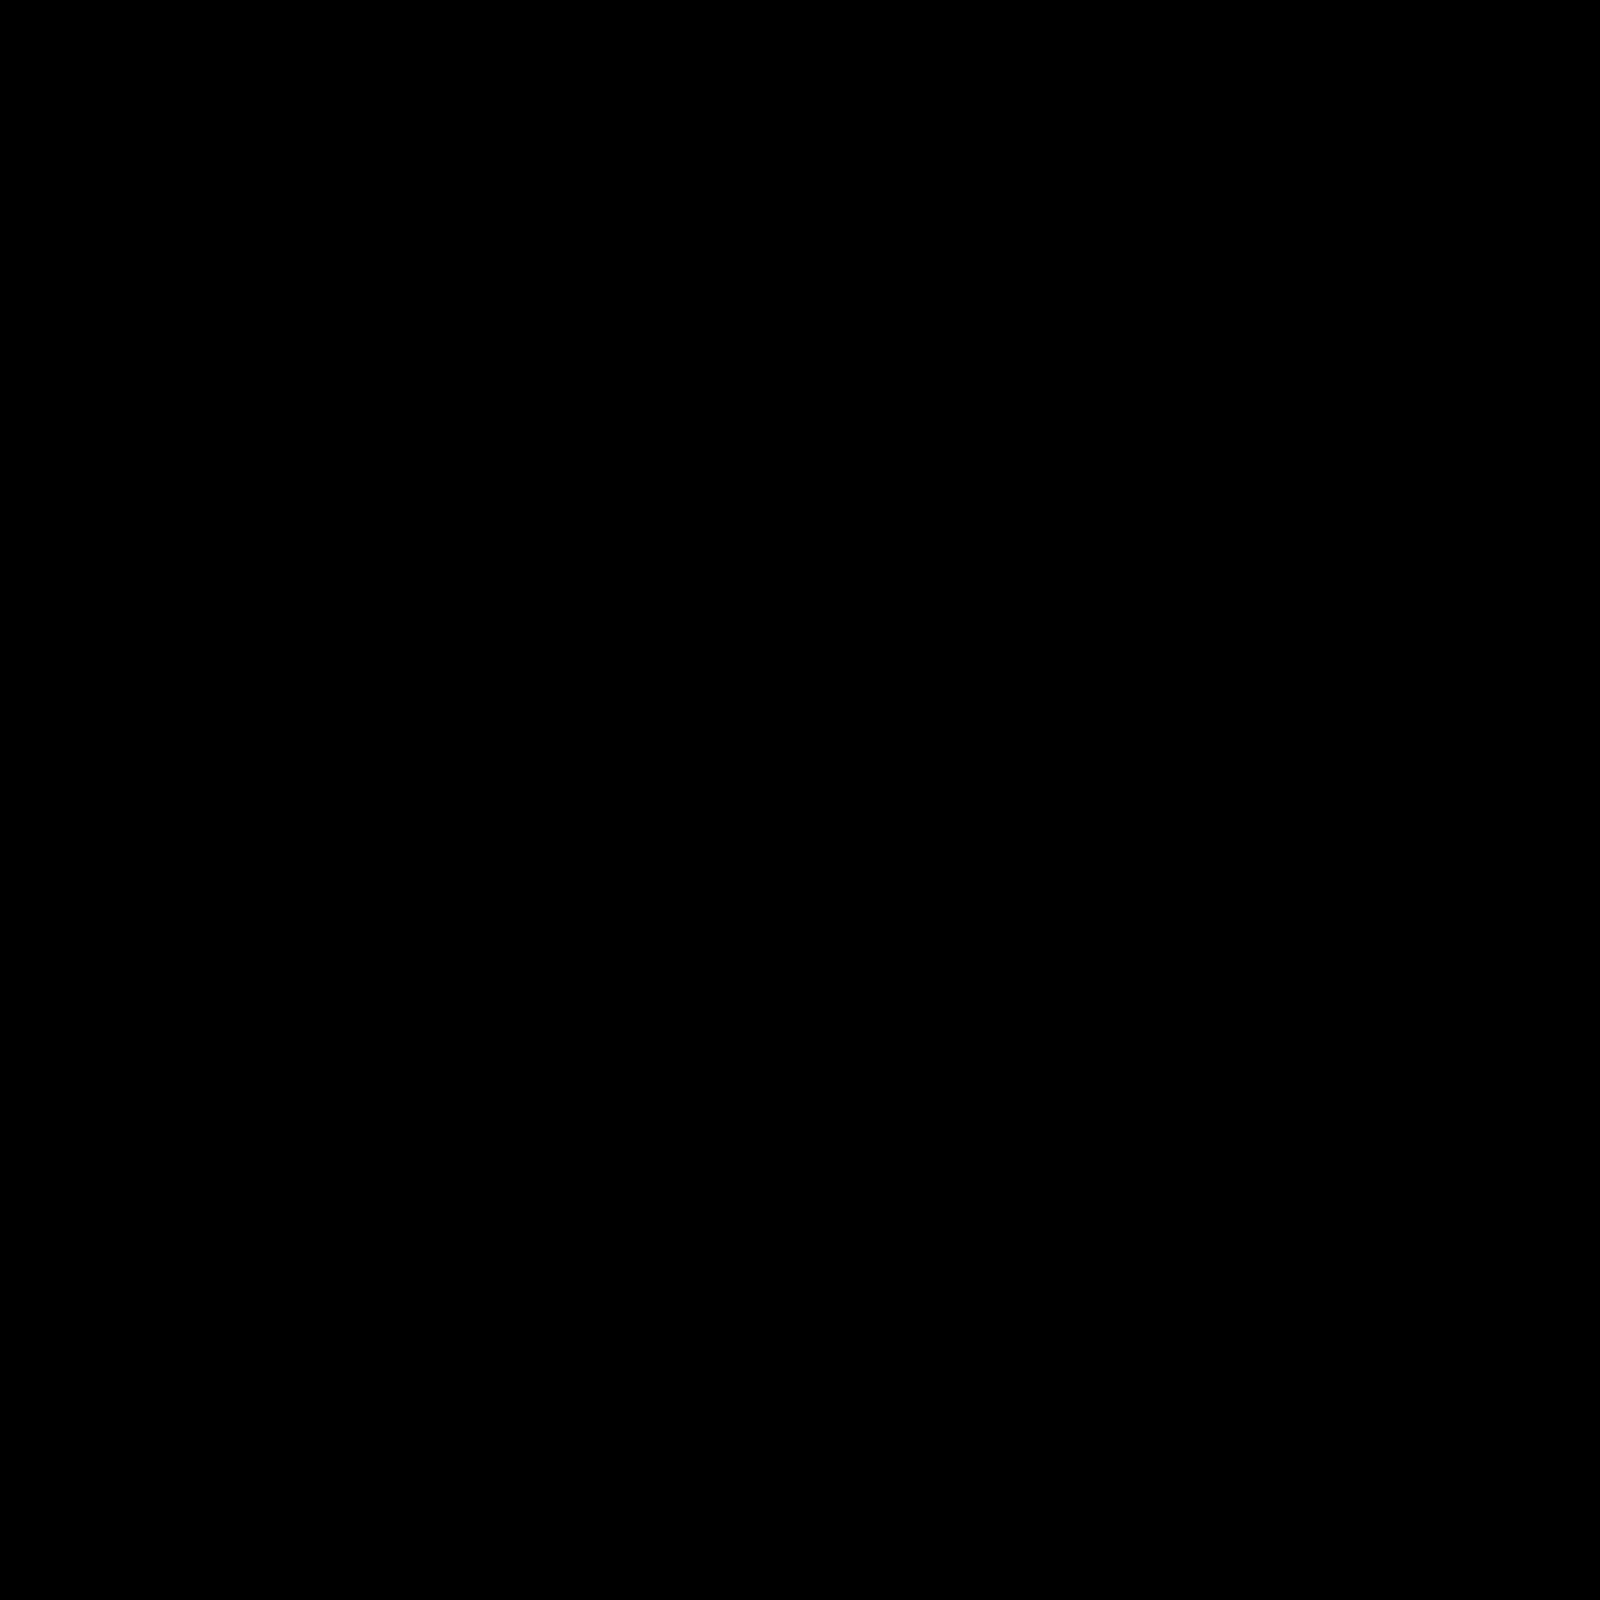 Bańka icon